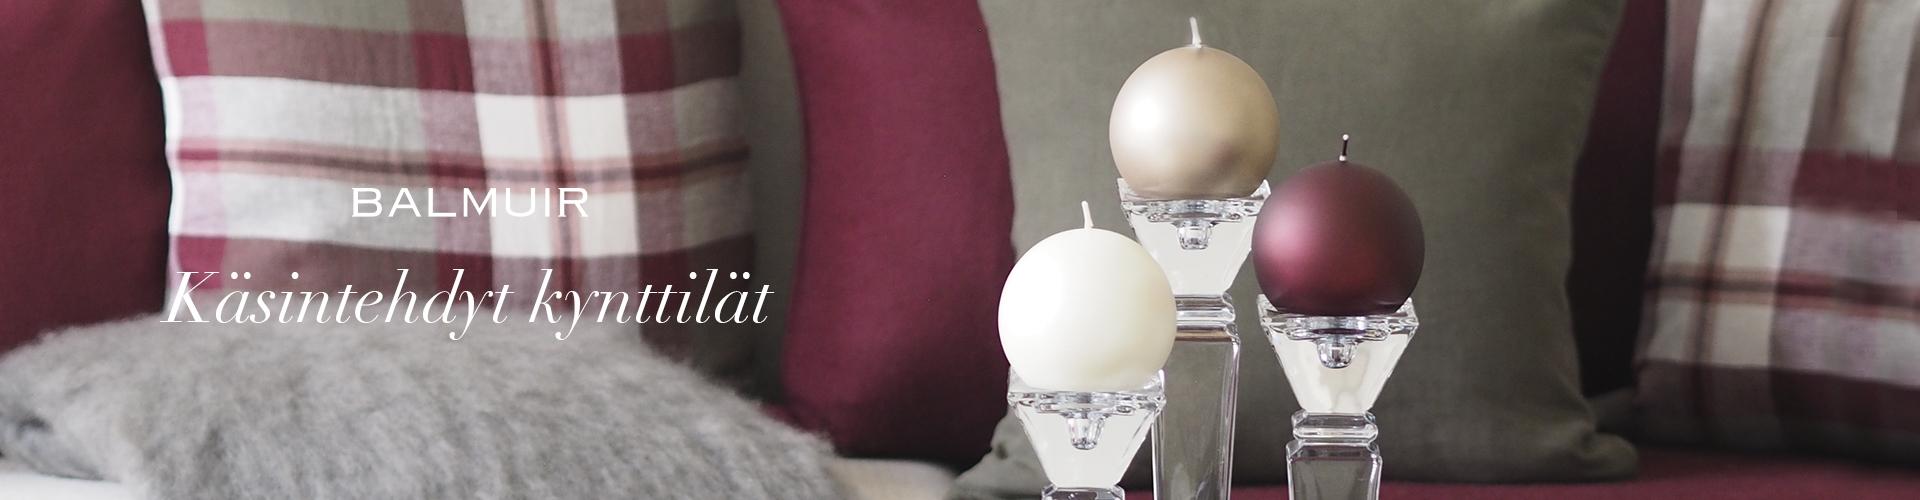 Käsintehdyt kynttilät